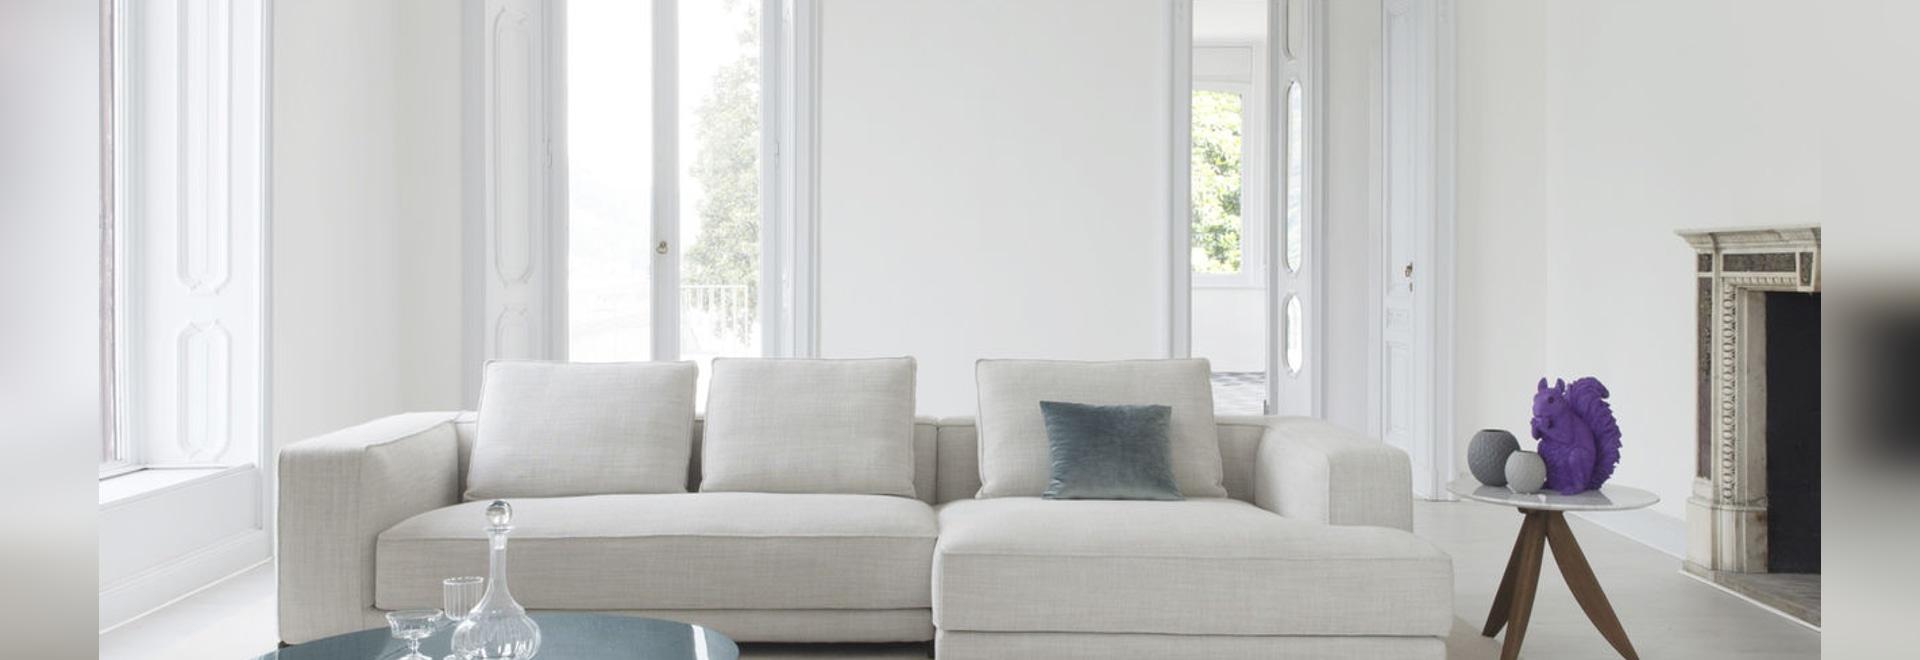 NEW: corner sofa by BERTO SALOTTI - BERTO SALOTTI